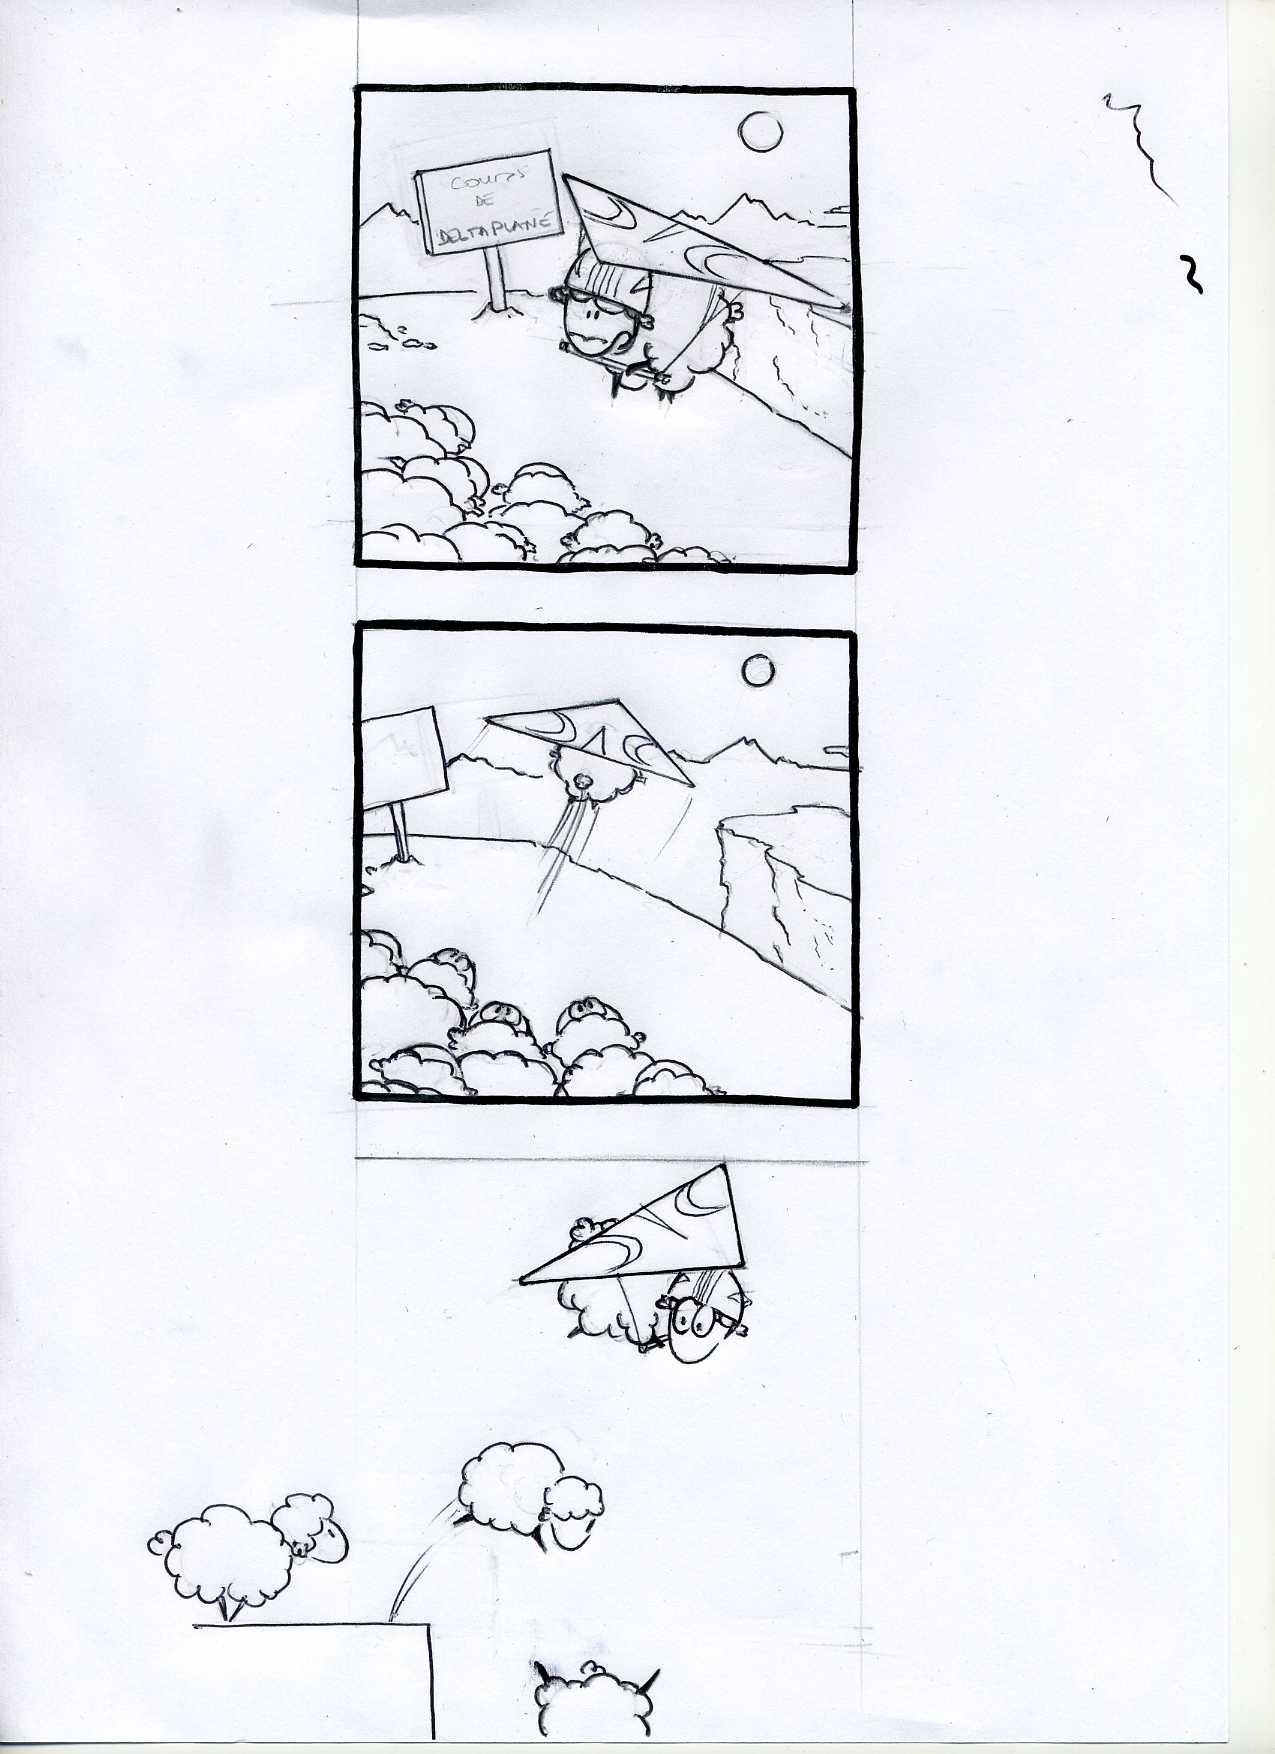 05 mouton le cours de deltaplane - encrage